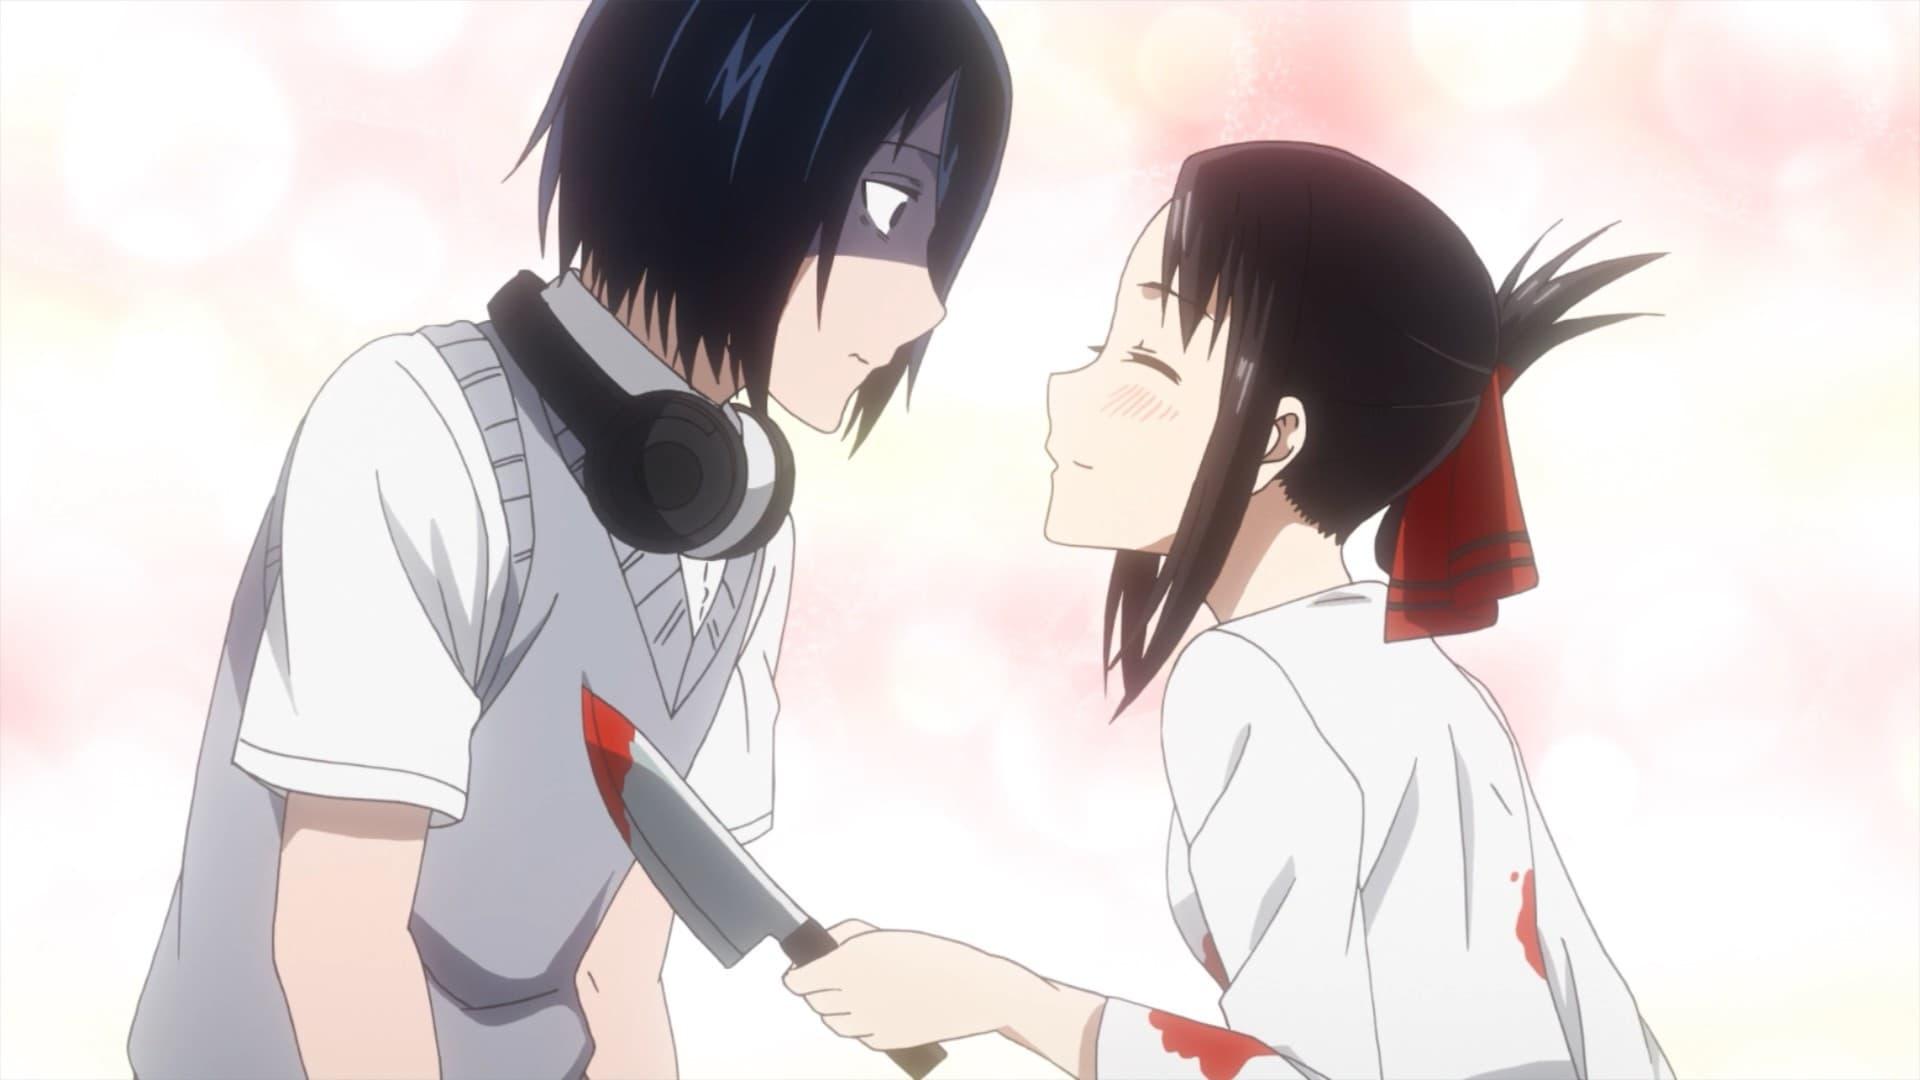 Kaguya-sama: Love is War Season 1 :Episode 6  Yu Ishigami Wants to Live / Chika Fujiwara Wants to Test You / Kaguya Wants to Be Noticed